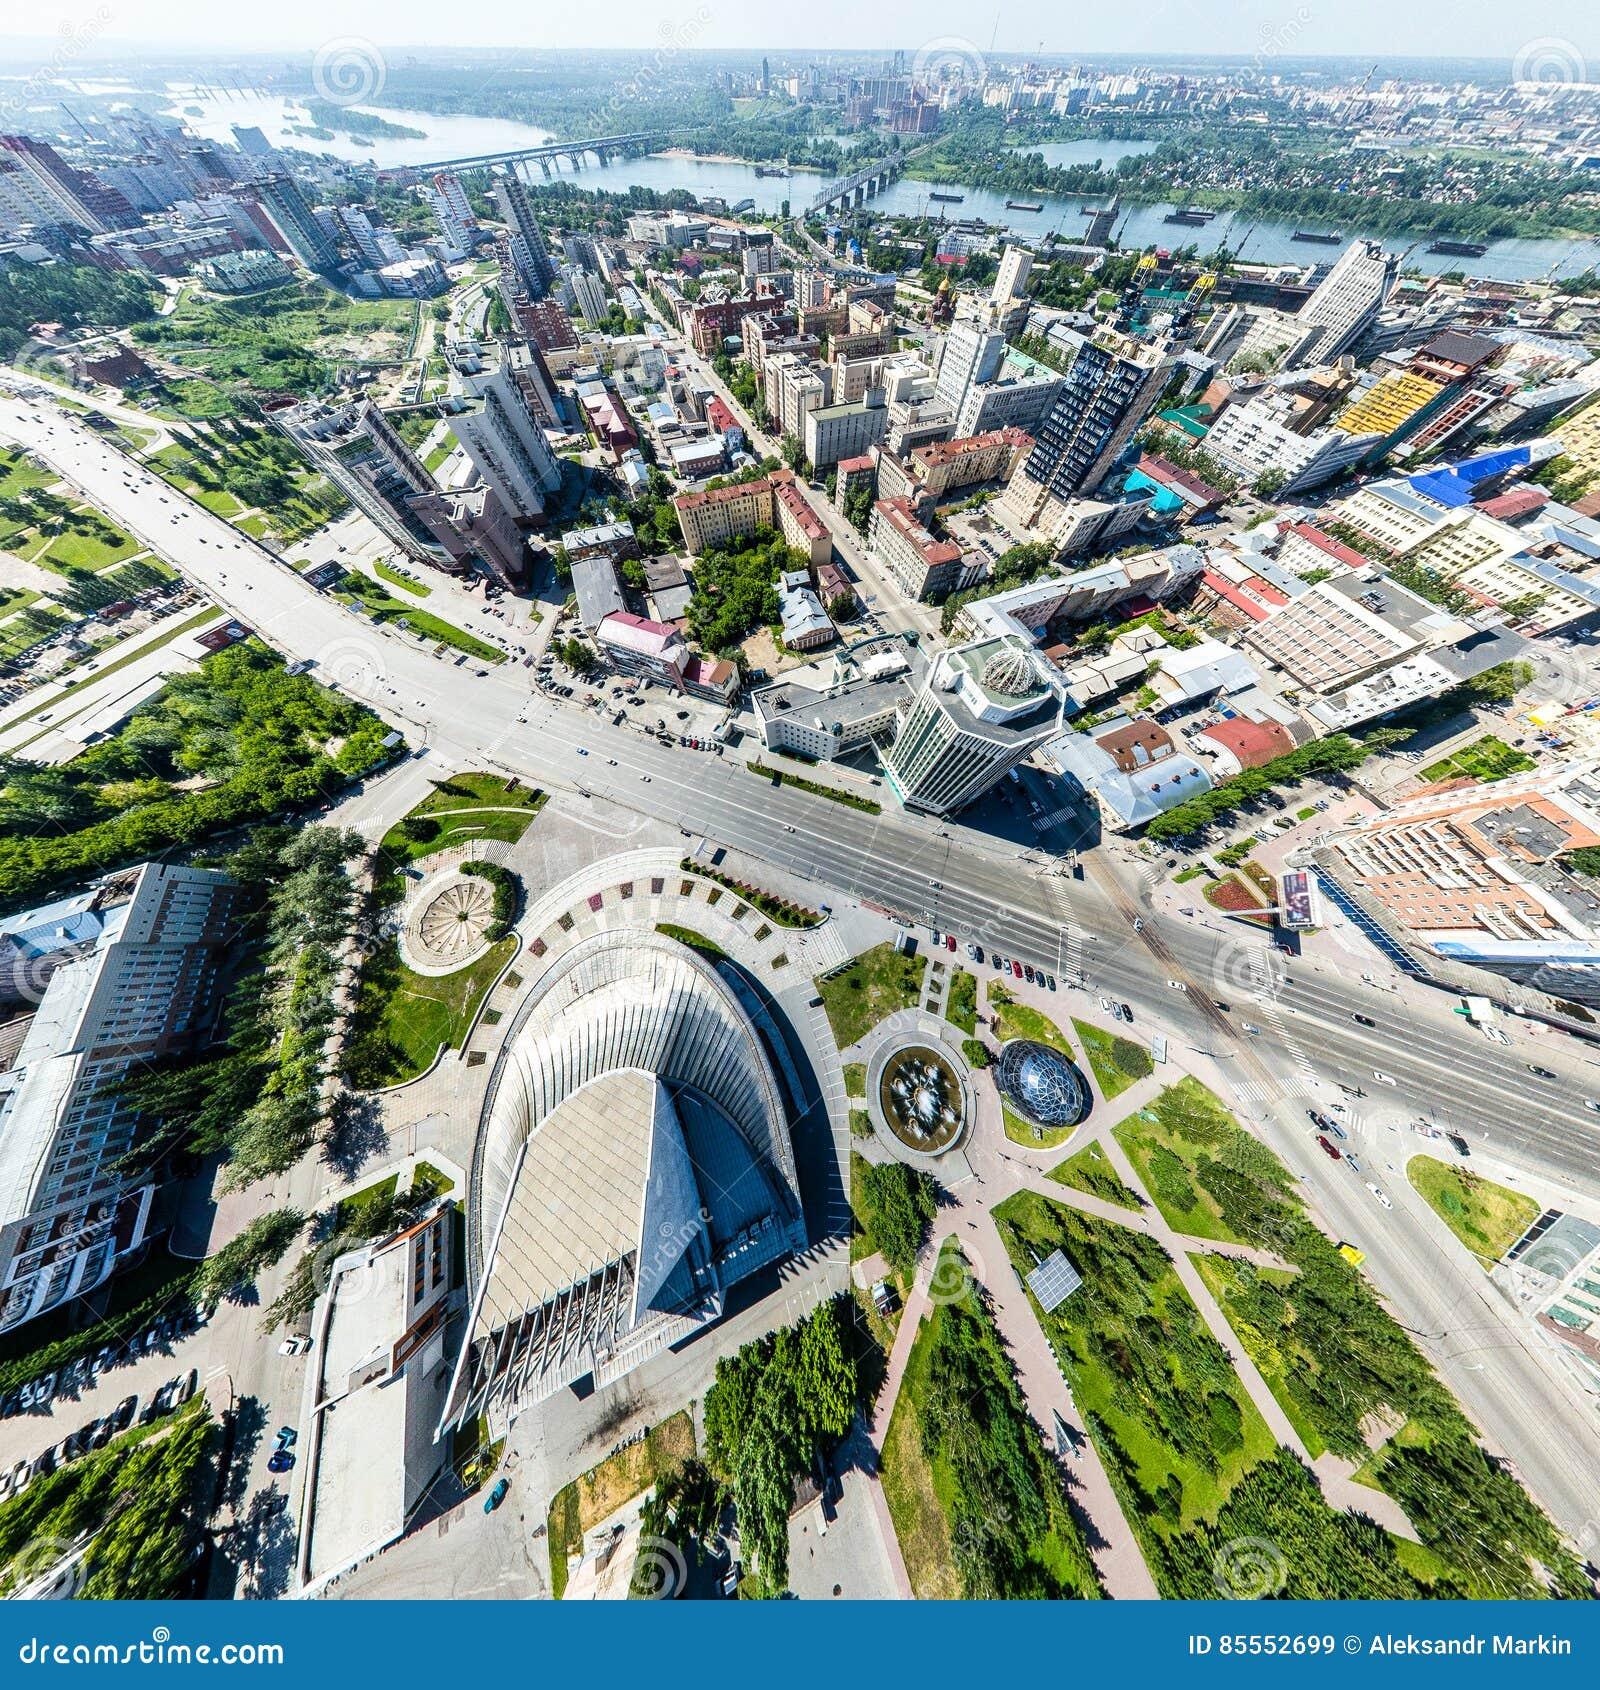 Luftstadtansicht mit Straßen, Häusern und Gebäuden